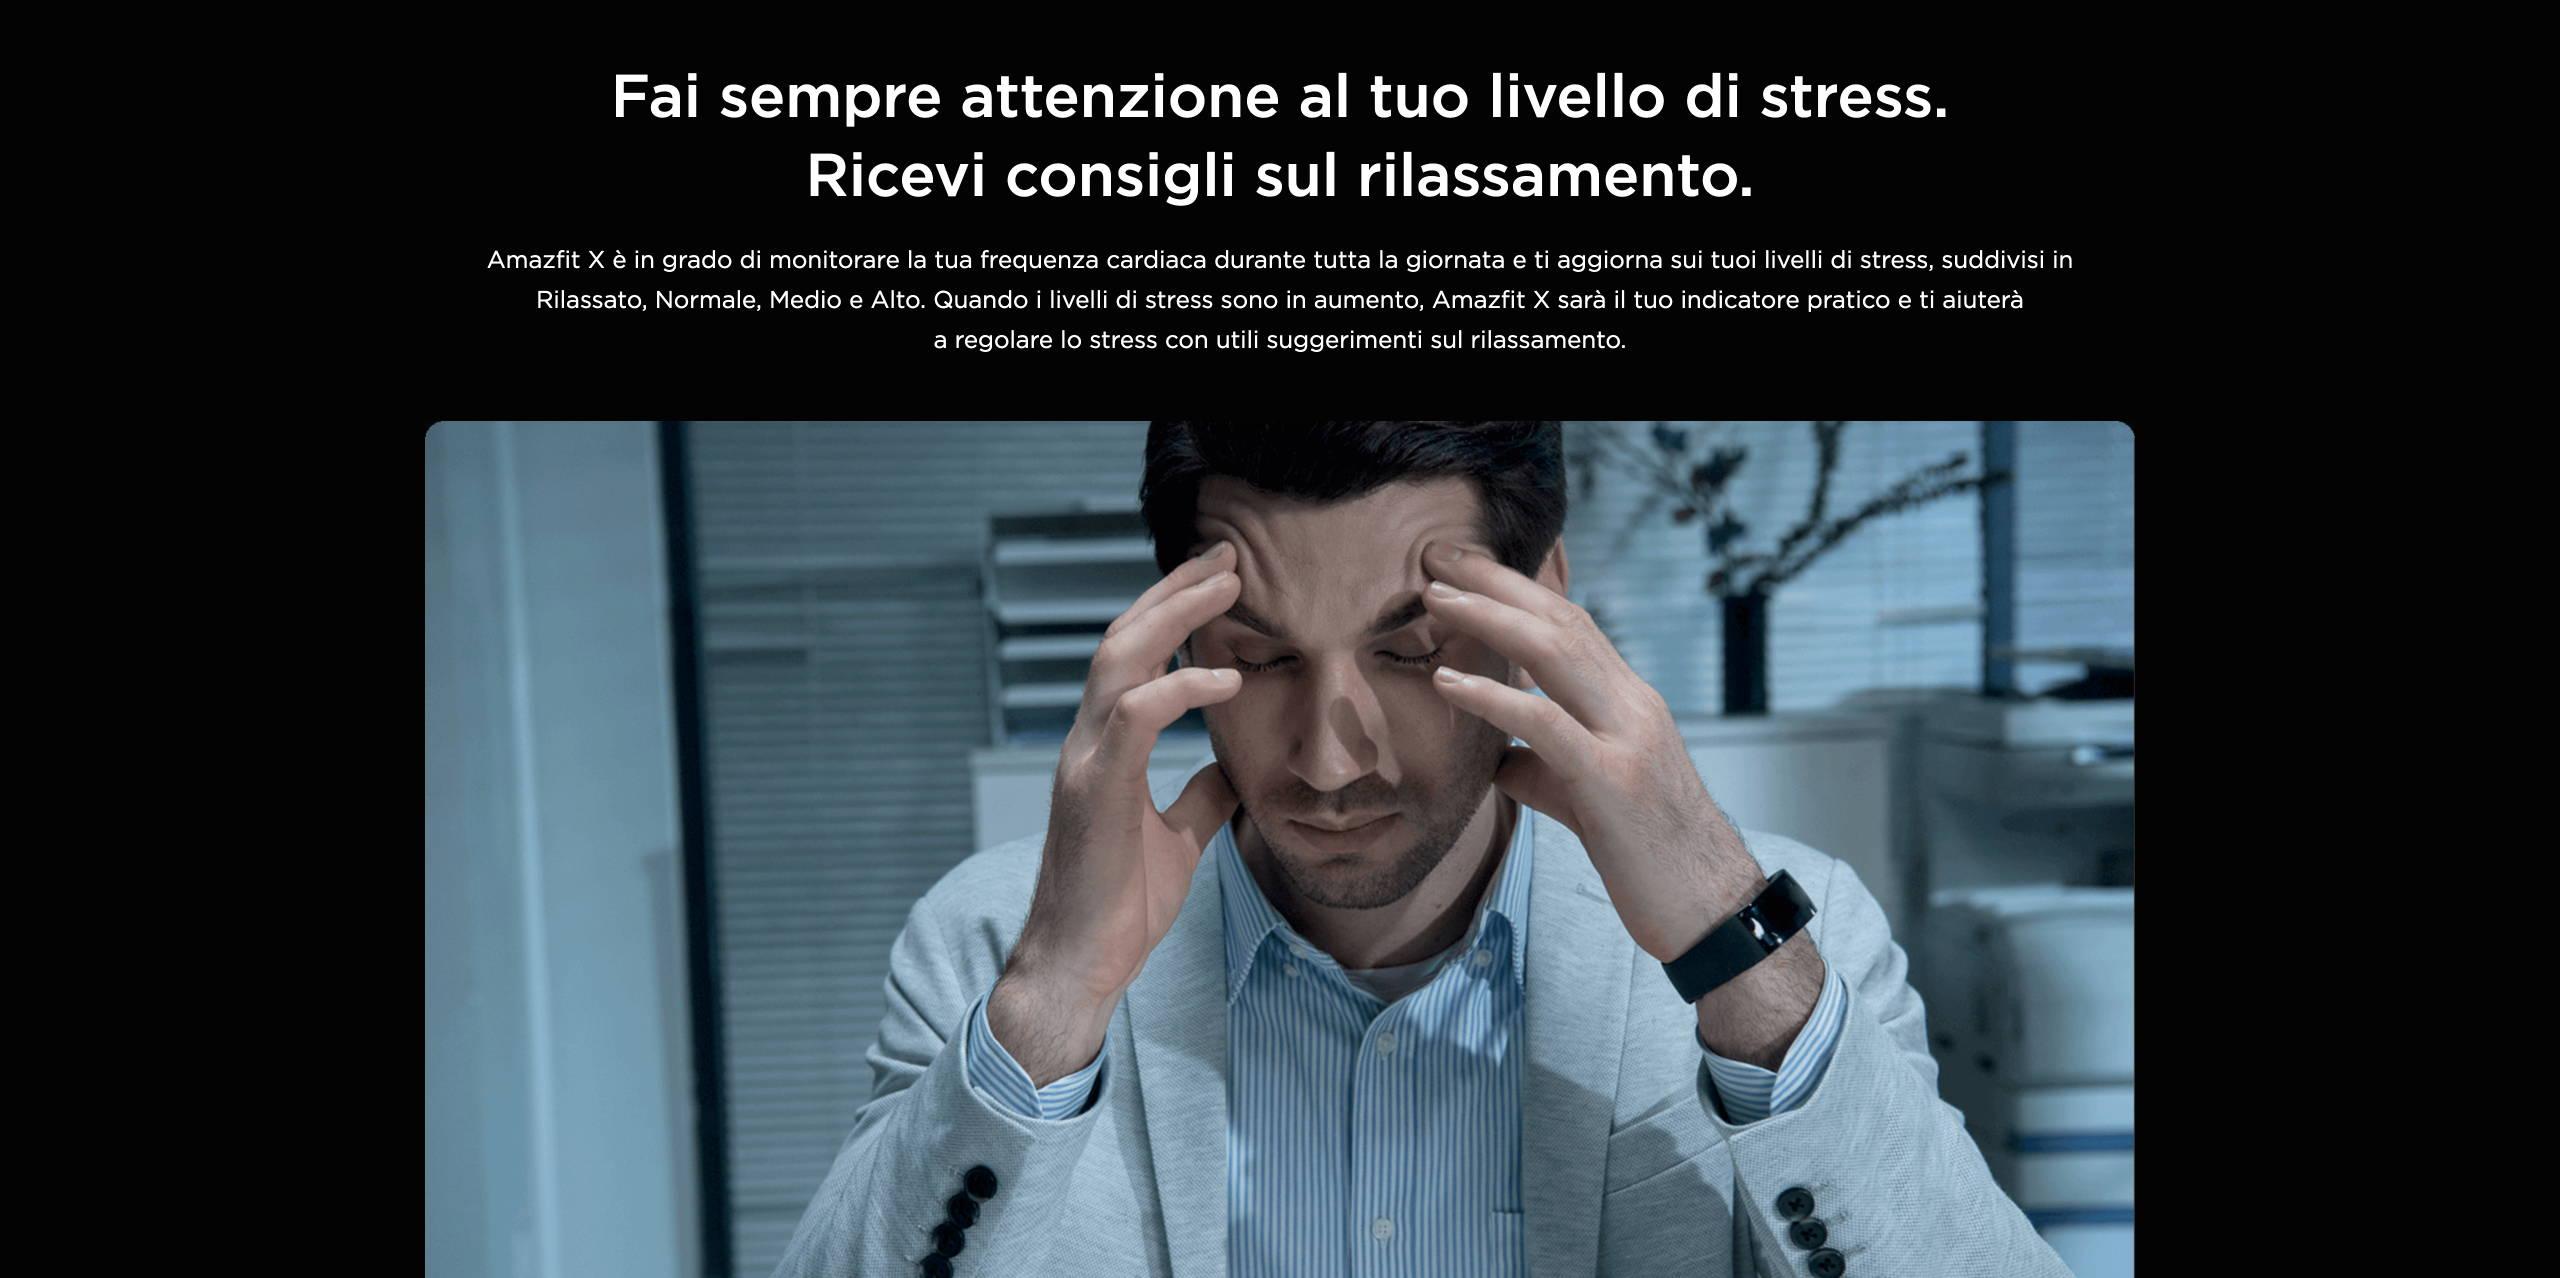 Amazfit X - Fai sempre attenzione al tuo livello di stress. Ricevi consigli sul rilassamento.